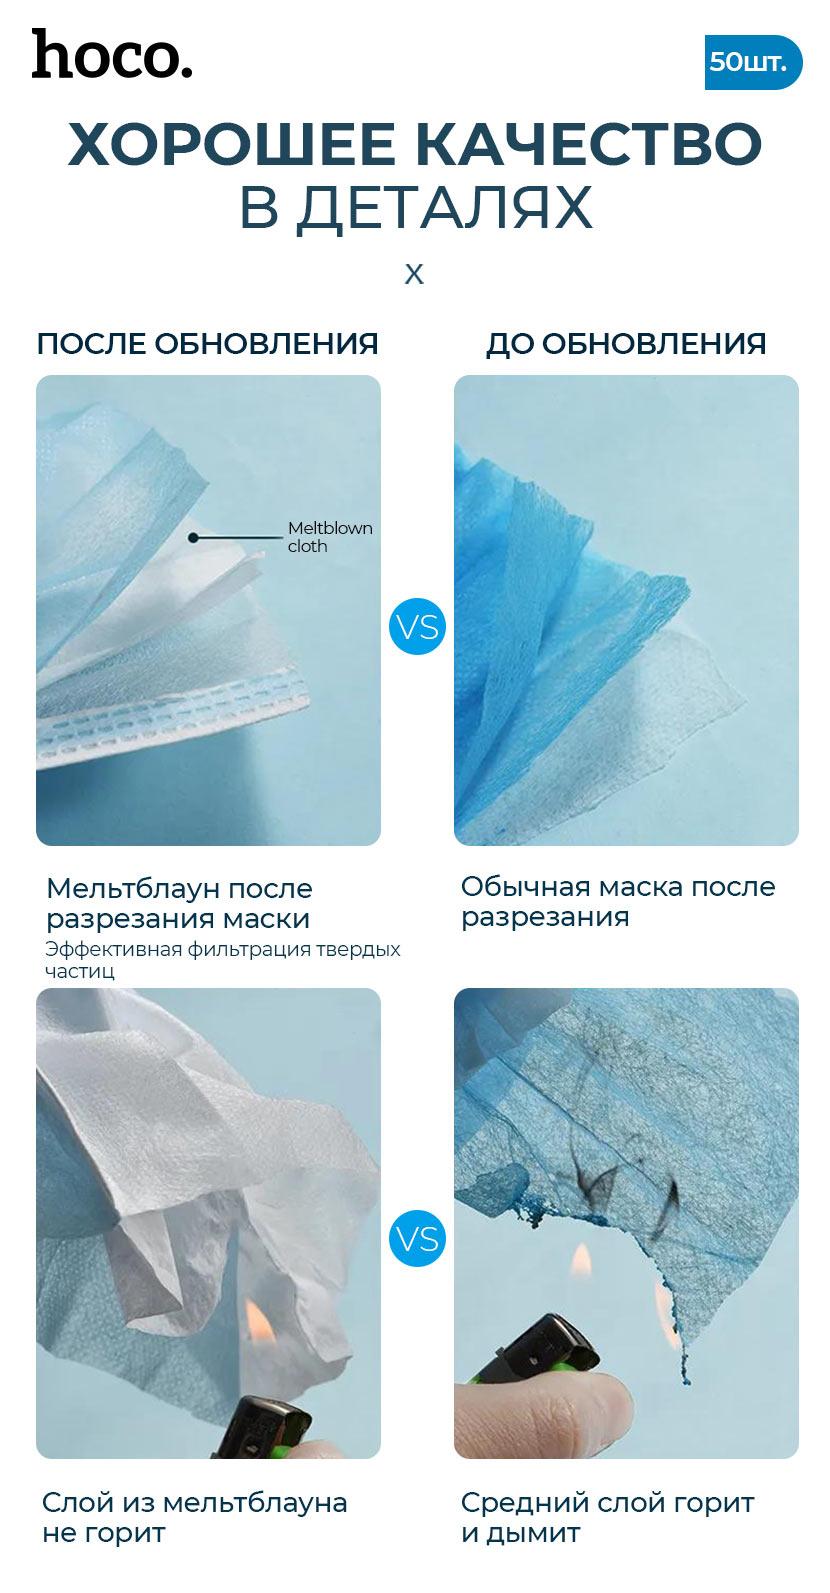 hoco новости одноразовая защитная маска качество ru